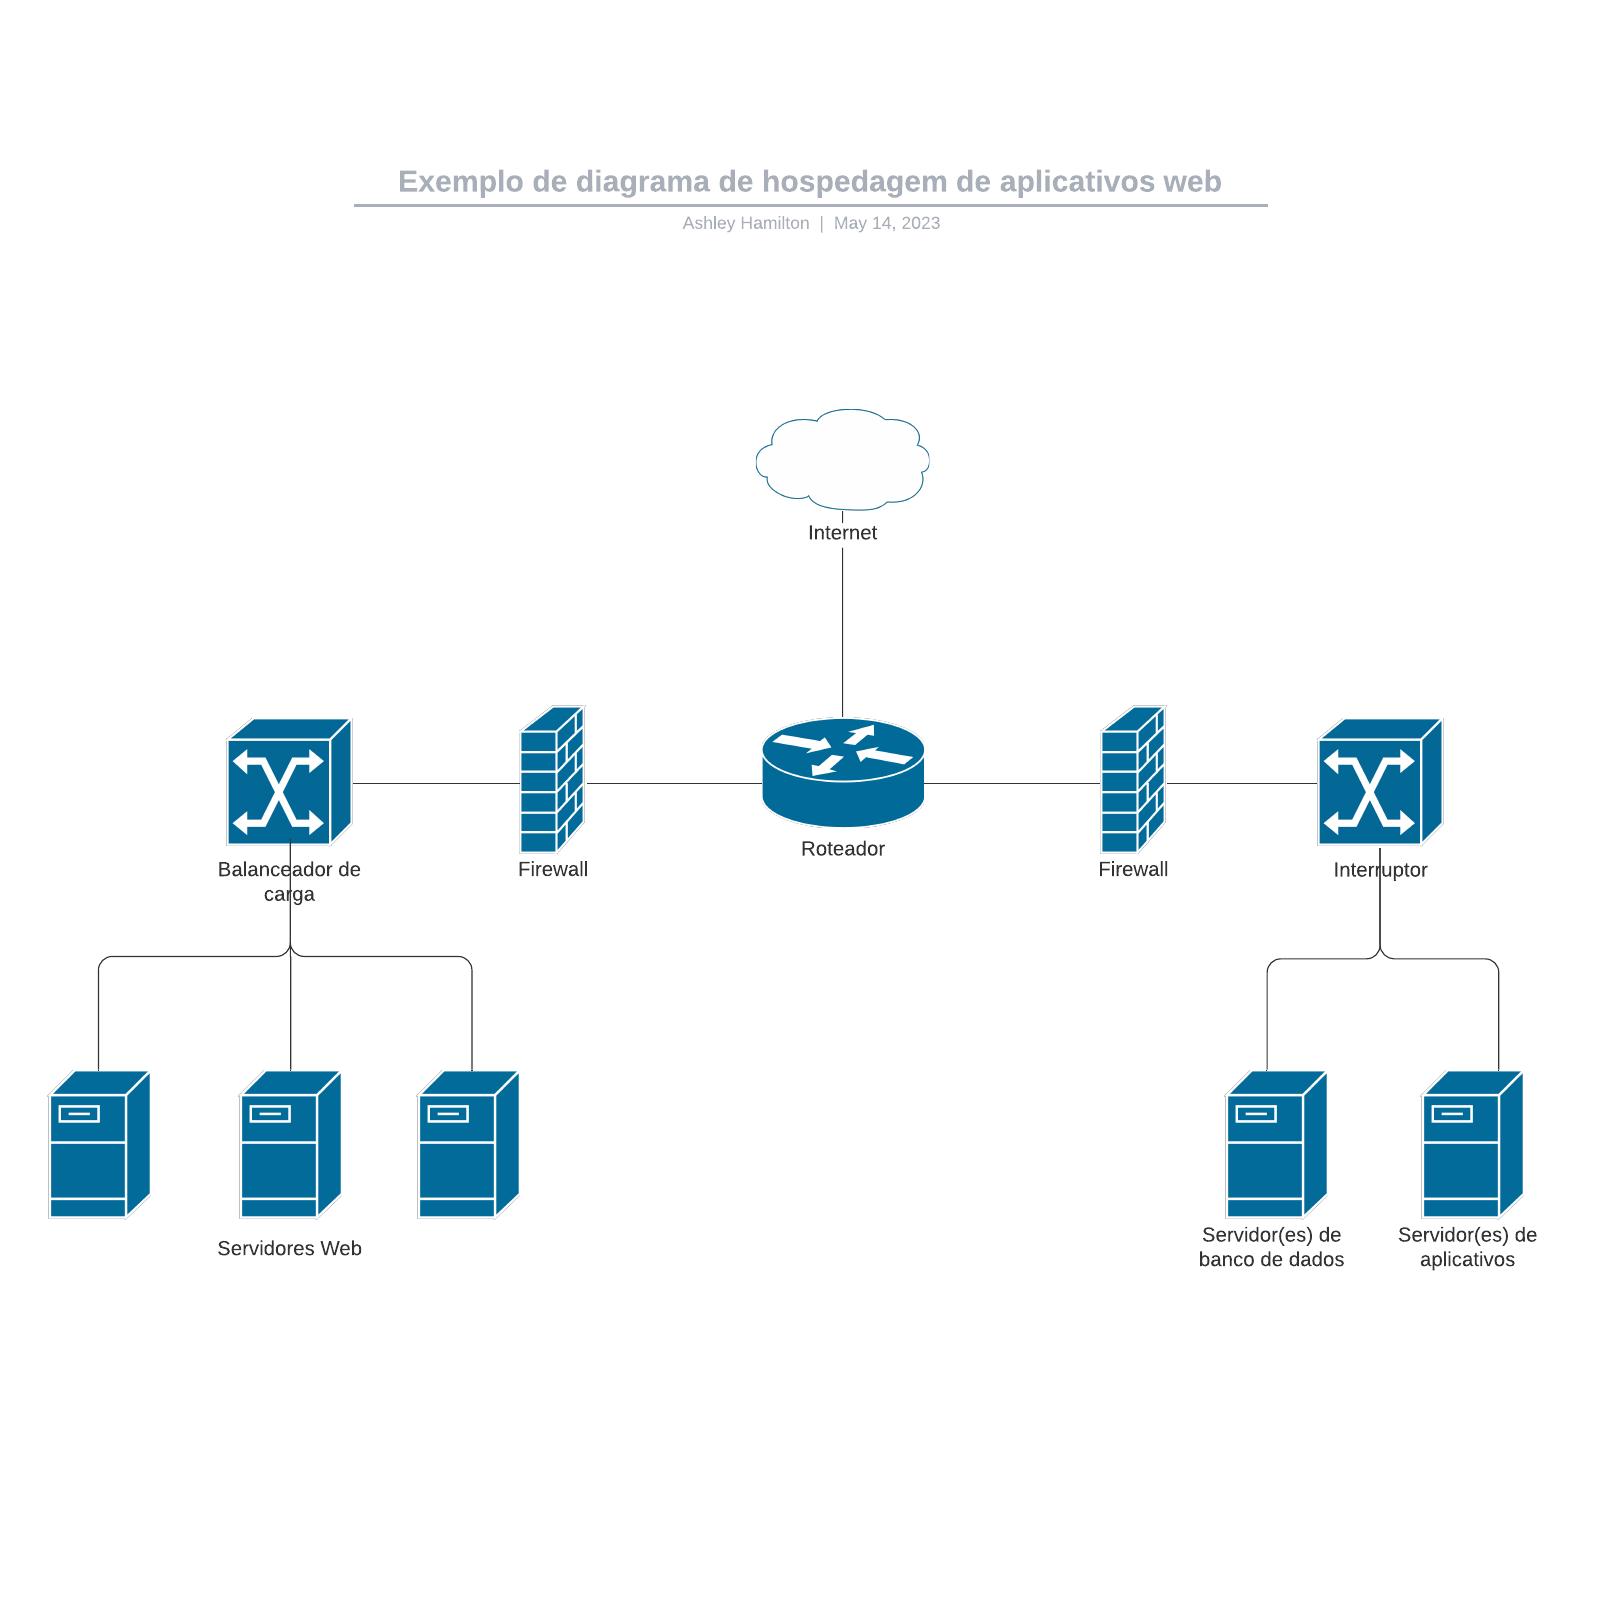 Exemplo de diagrama de hospedagem de aplicativos web